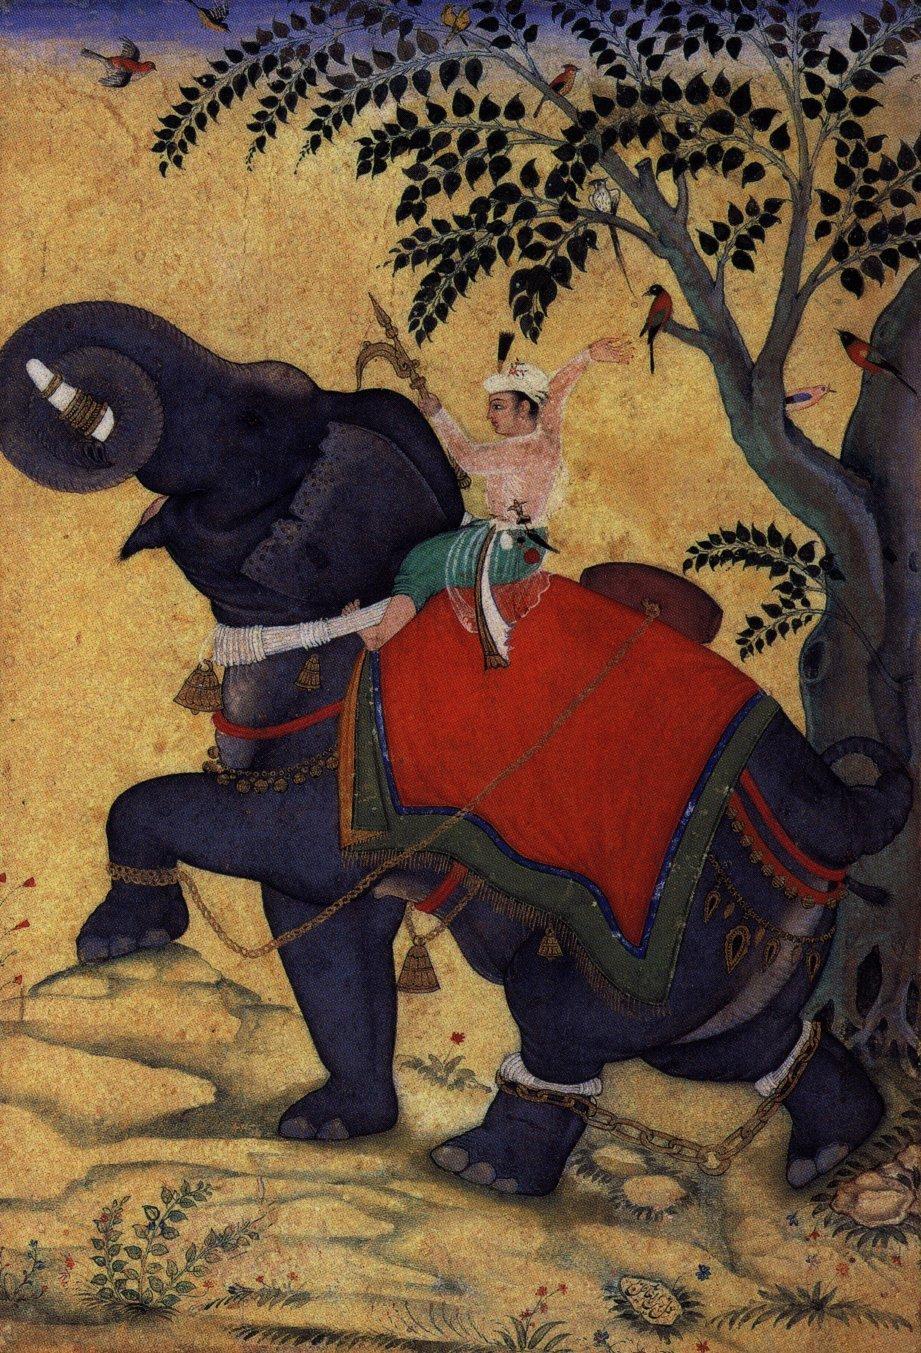 Akbar na słoniu Największy władca zdynastii Mogołów – Akbar na słoniu Źródło: Moghulschule, Akbar na słoniu, domena publiczna.